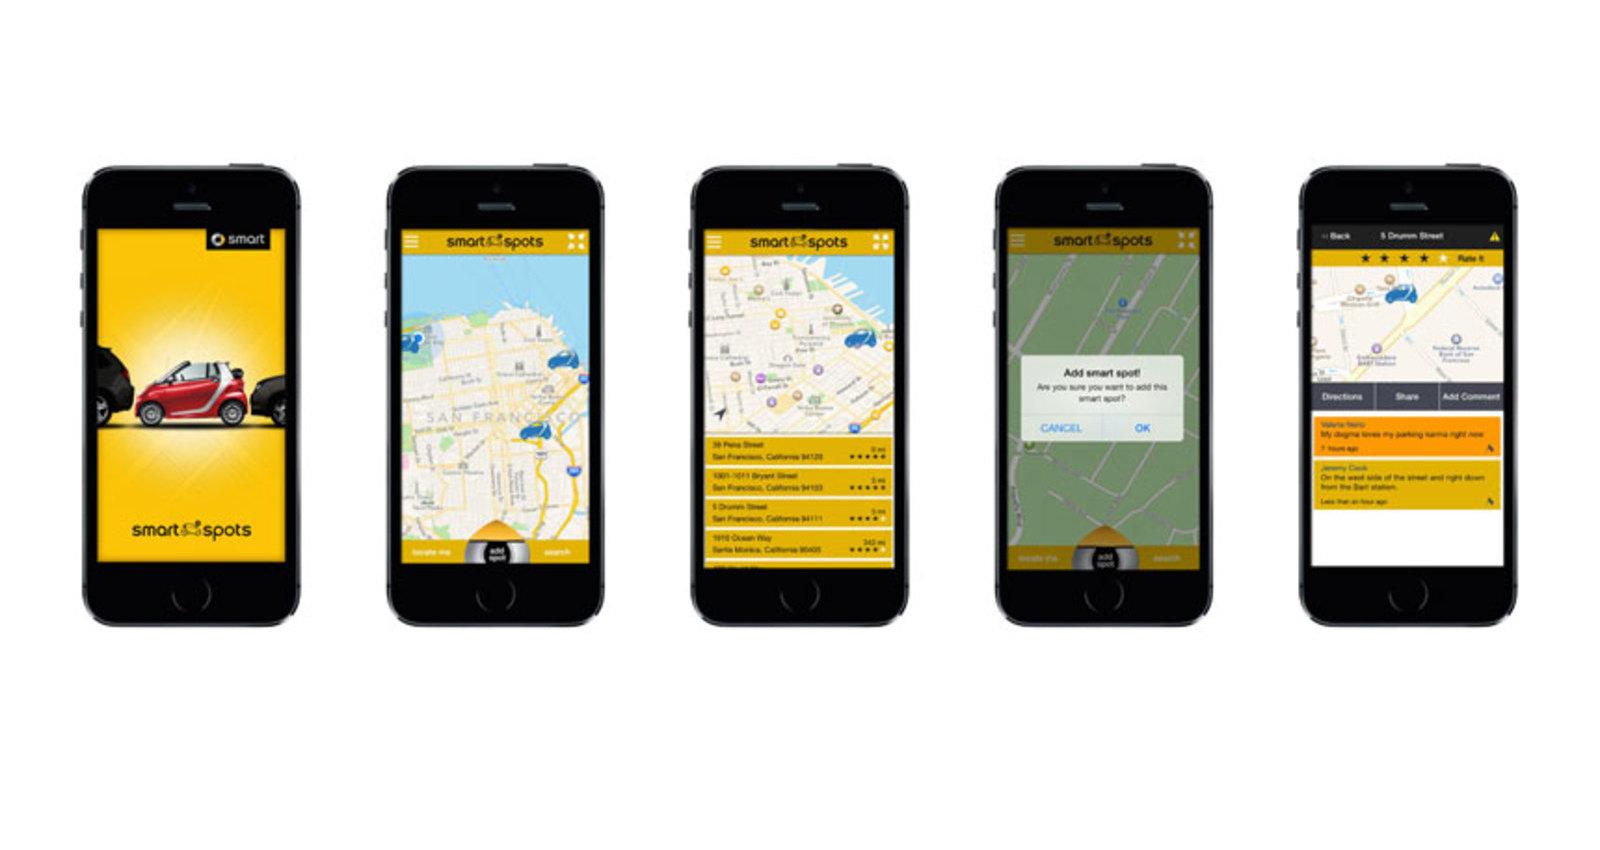 smart spots app